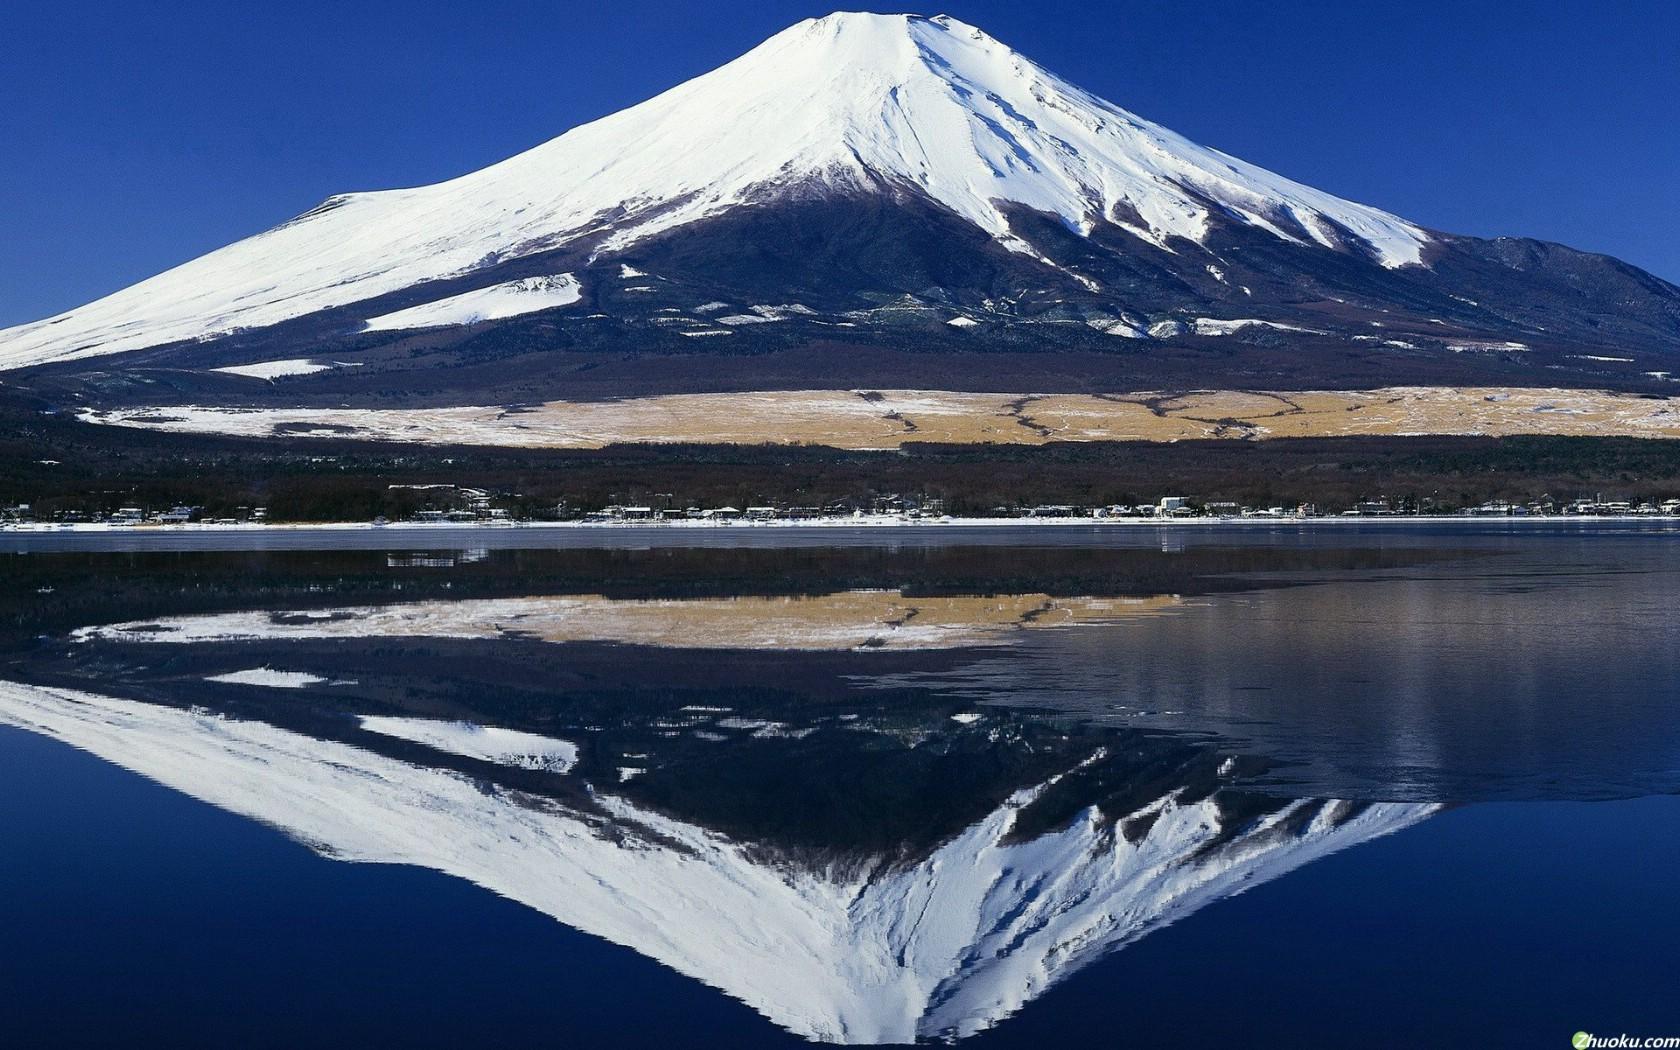 壁纸1680×1050日本风景高清宽屏壁纸